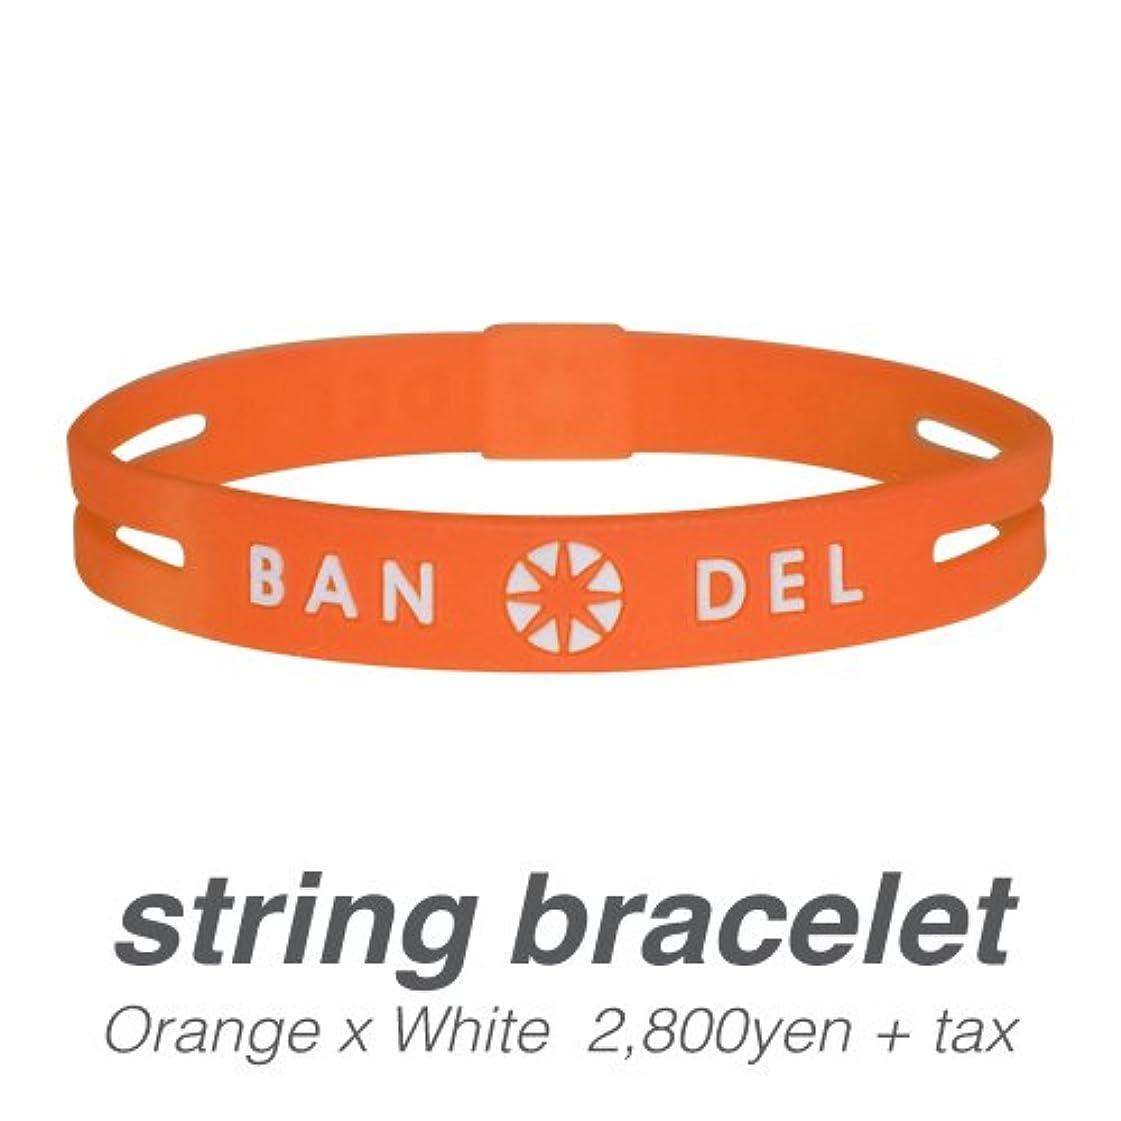 かどうか霧乱暴な[バンデル?BANDEL]ストリングブレスレット?string bracelet(OrangexWhite?オレンジ×ホワイト)Lサイズ(19.0cm)